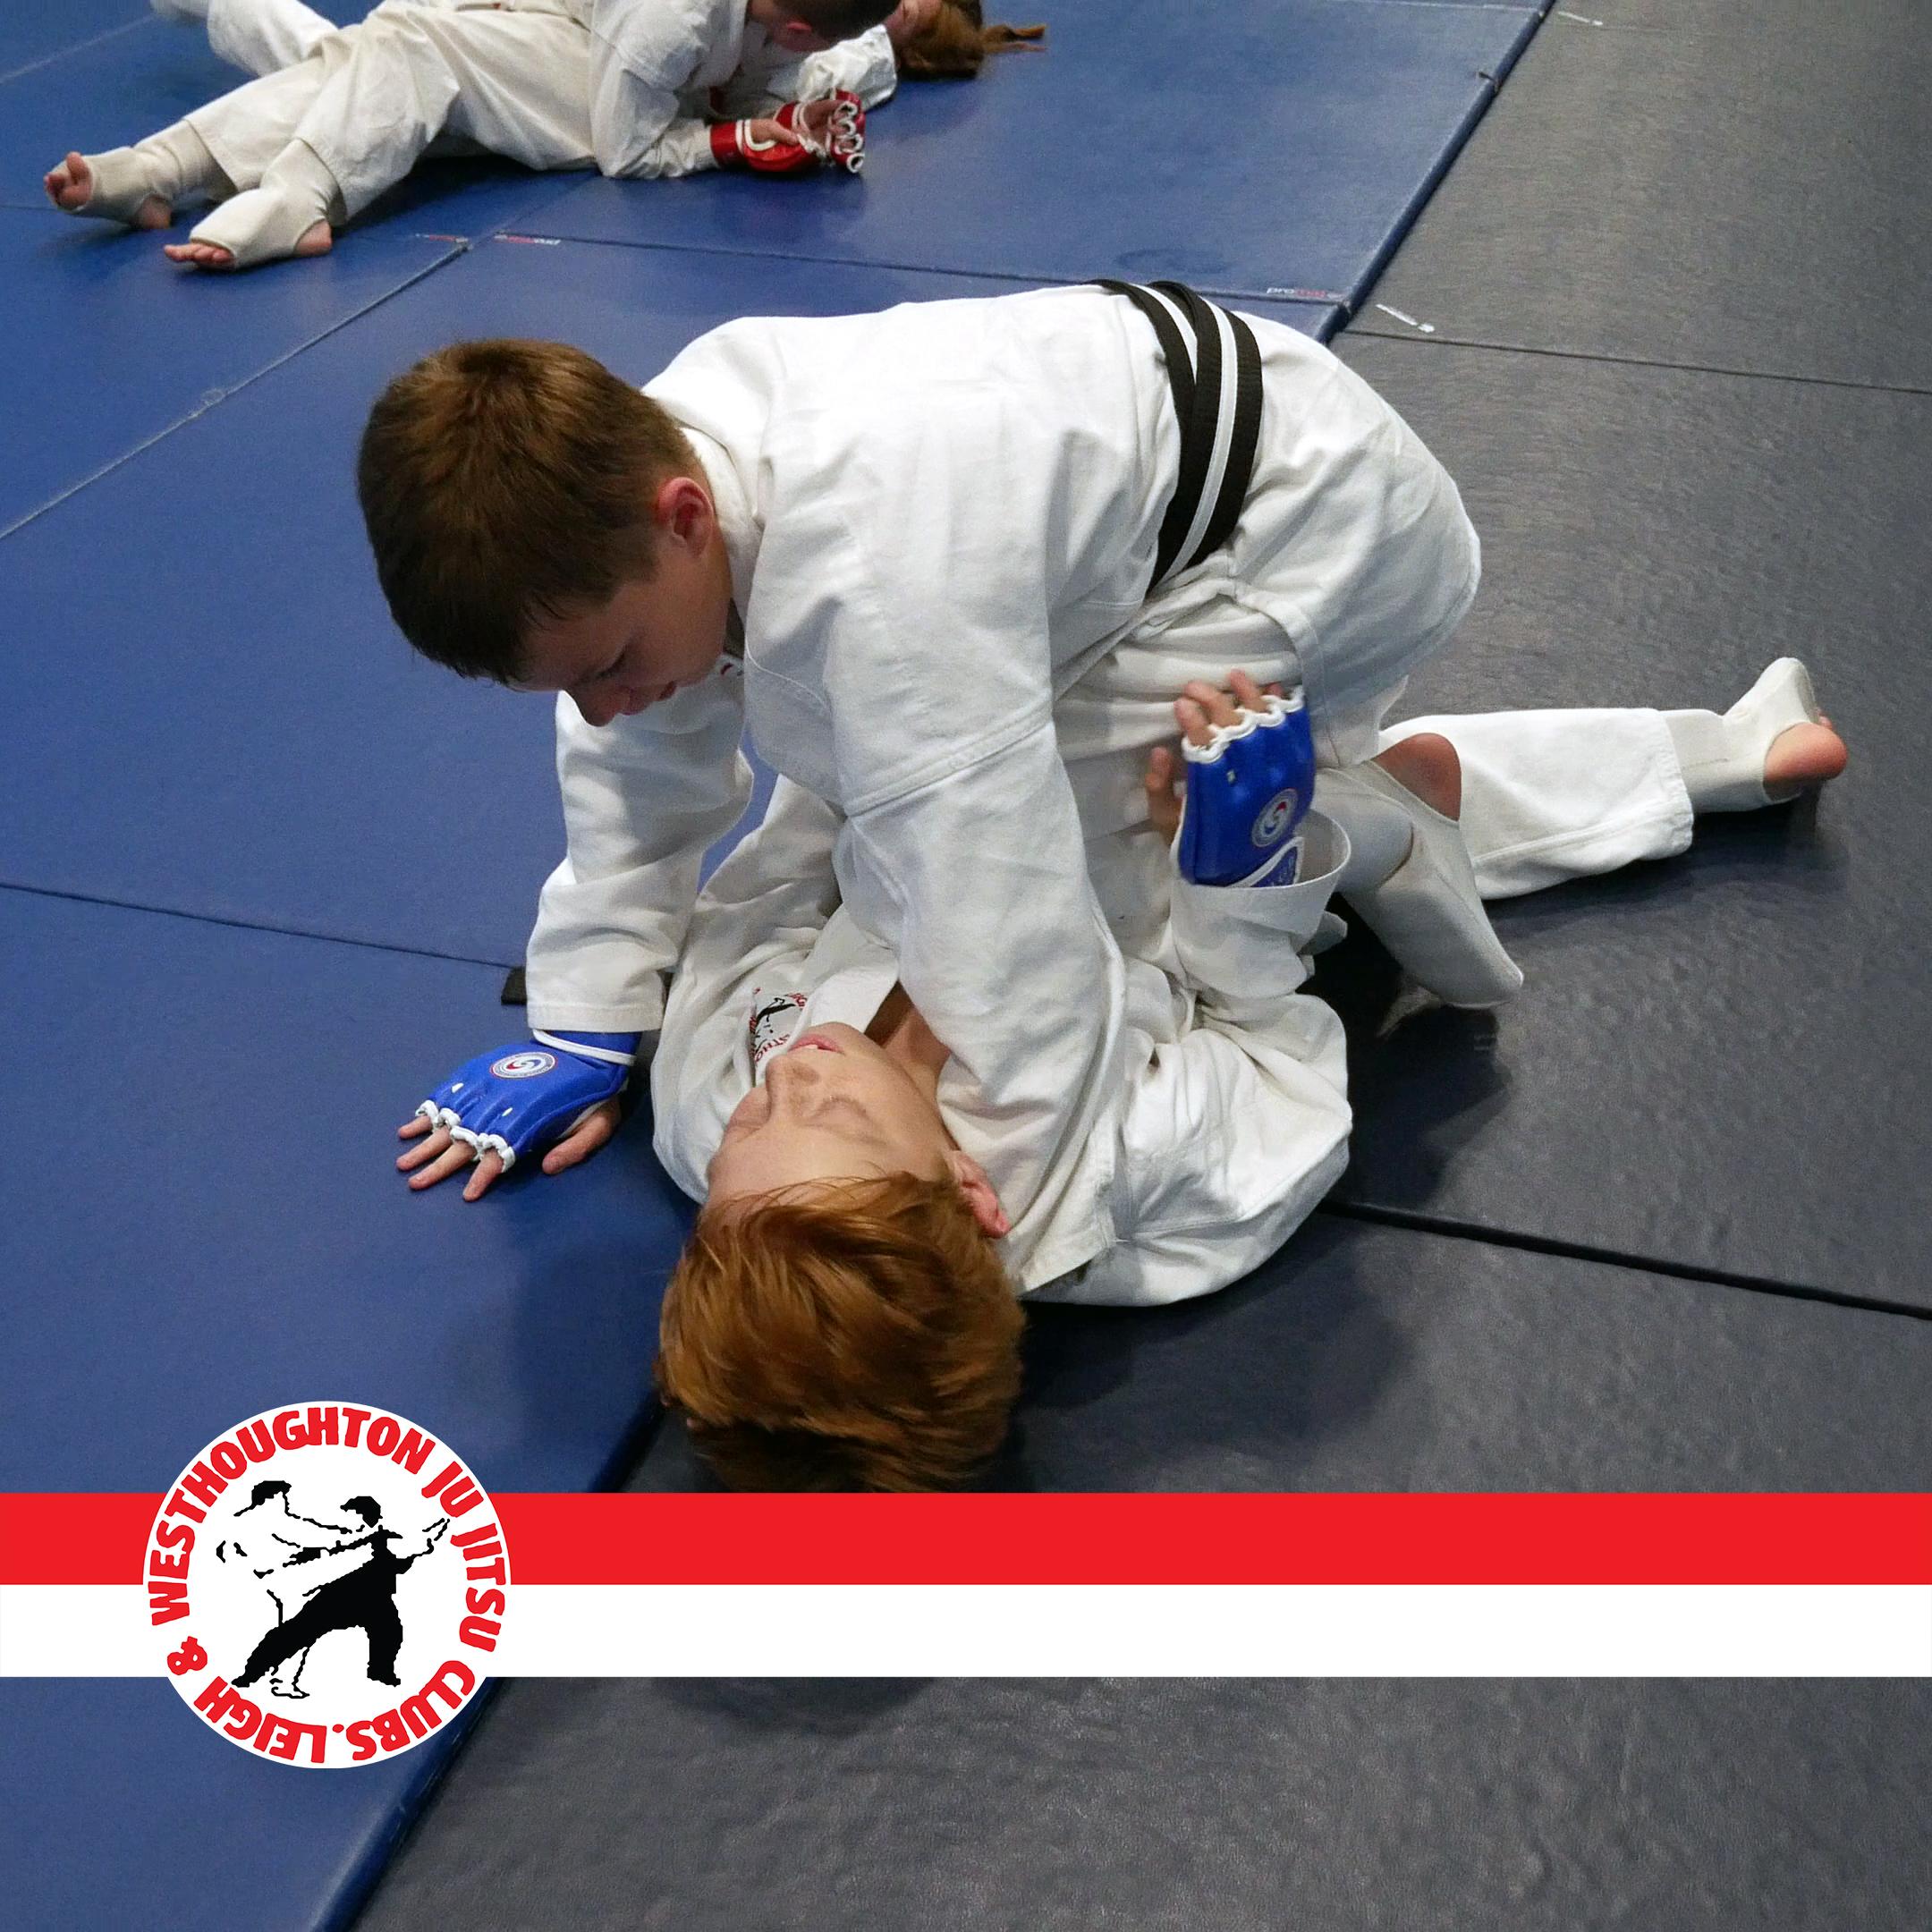 Sport Jitsu